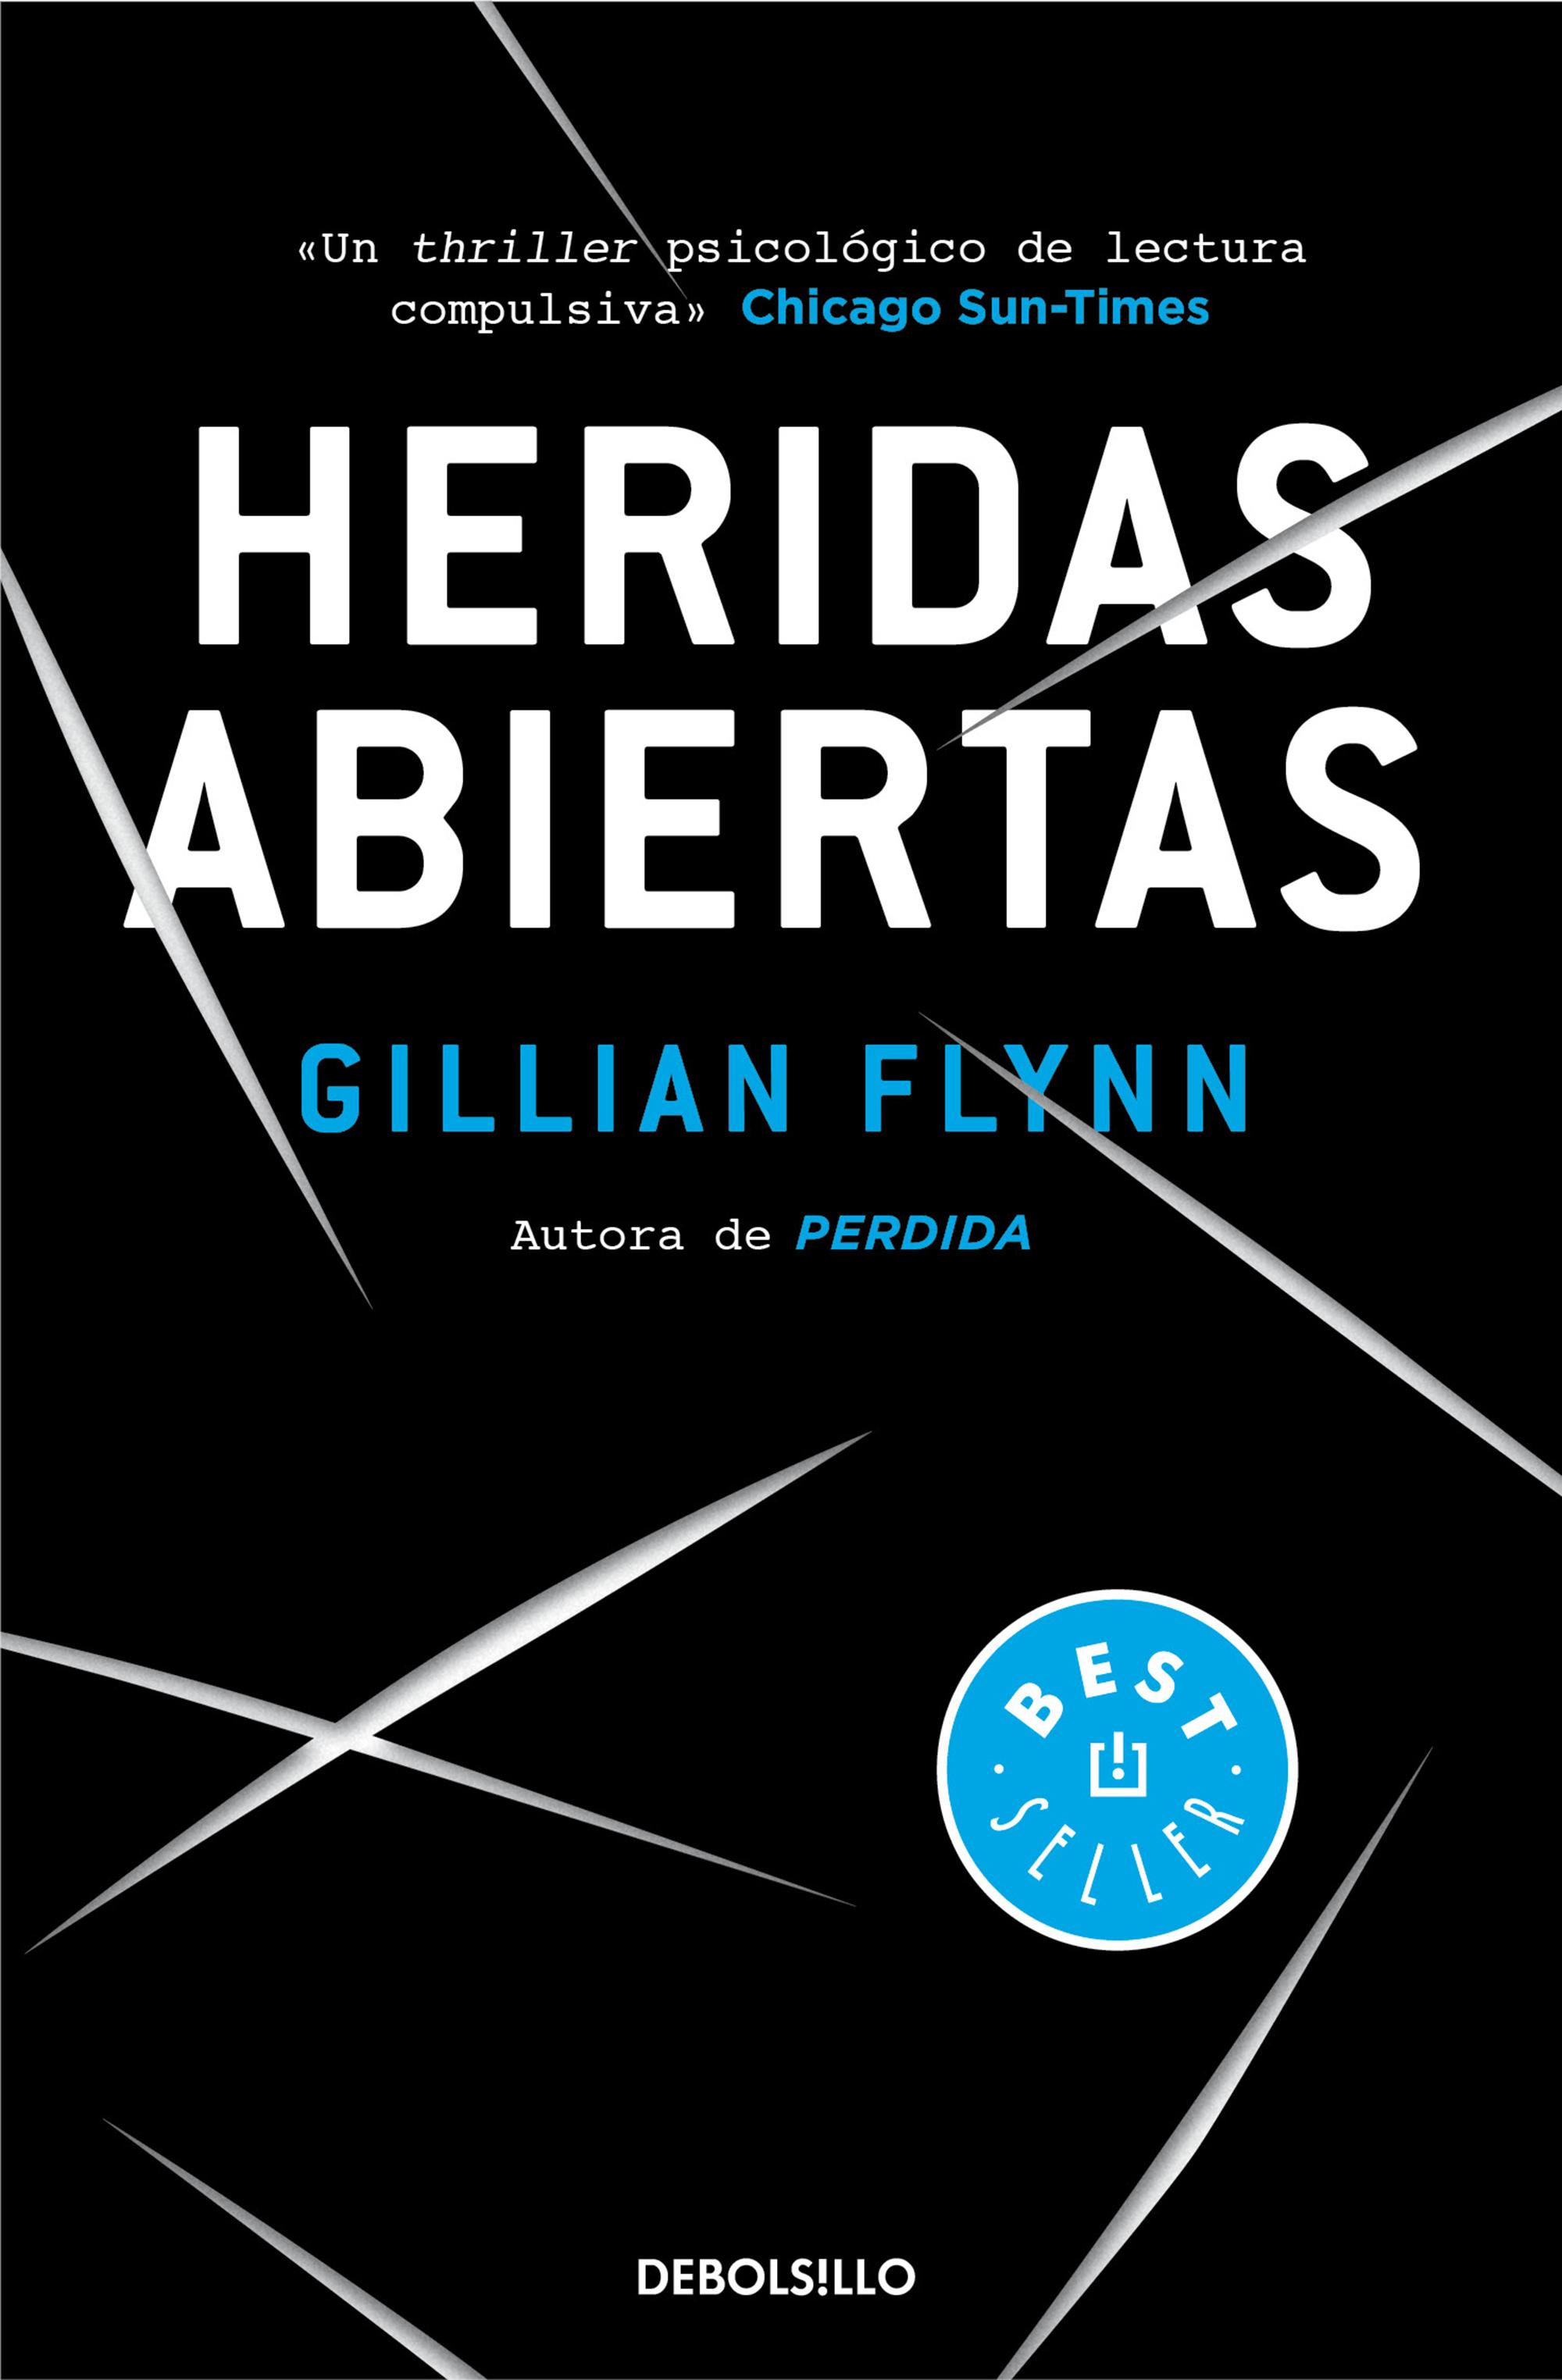 Heridas Abiertas por Gillian Flynn